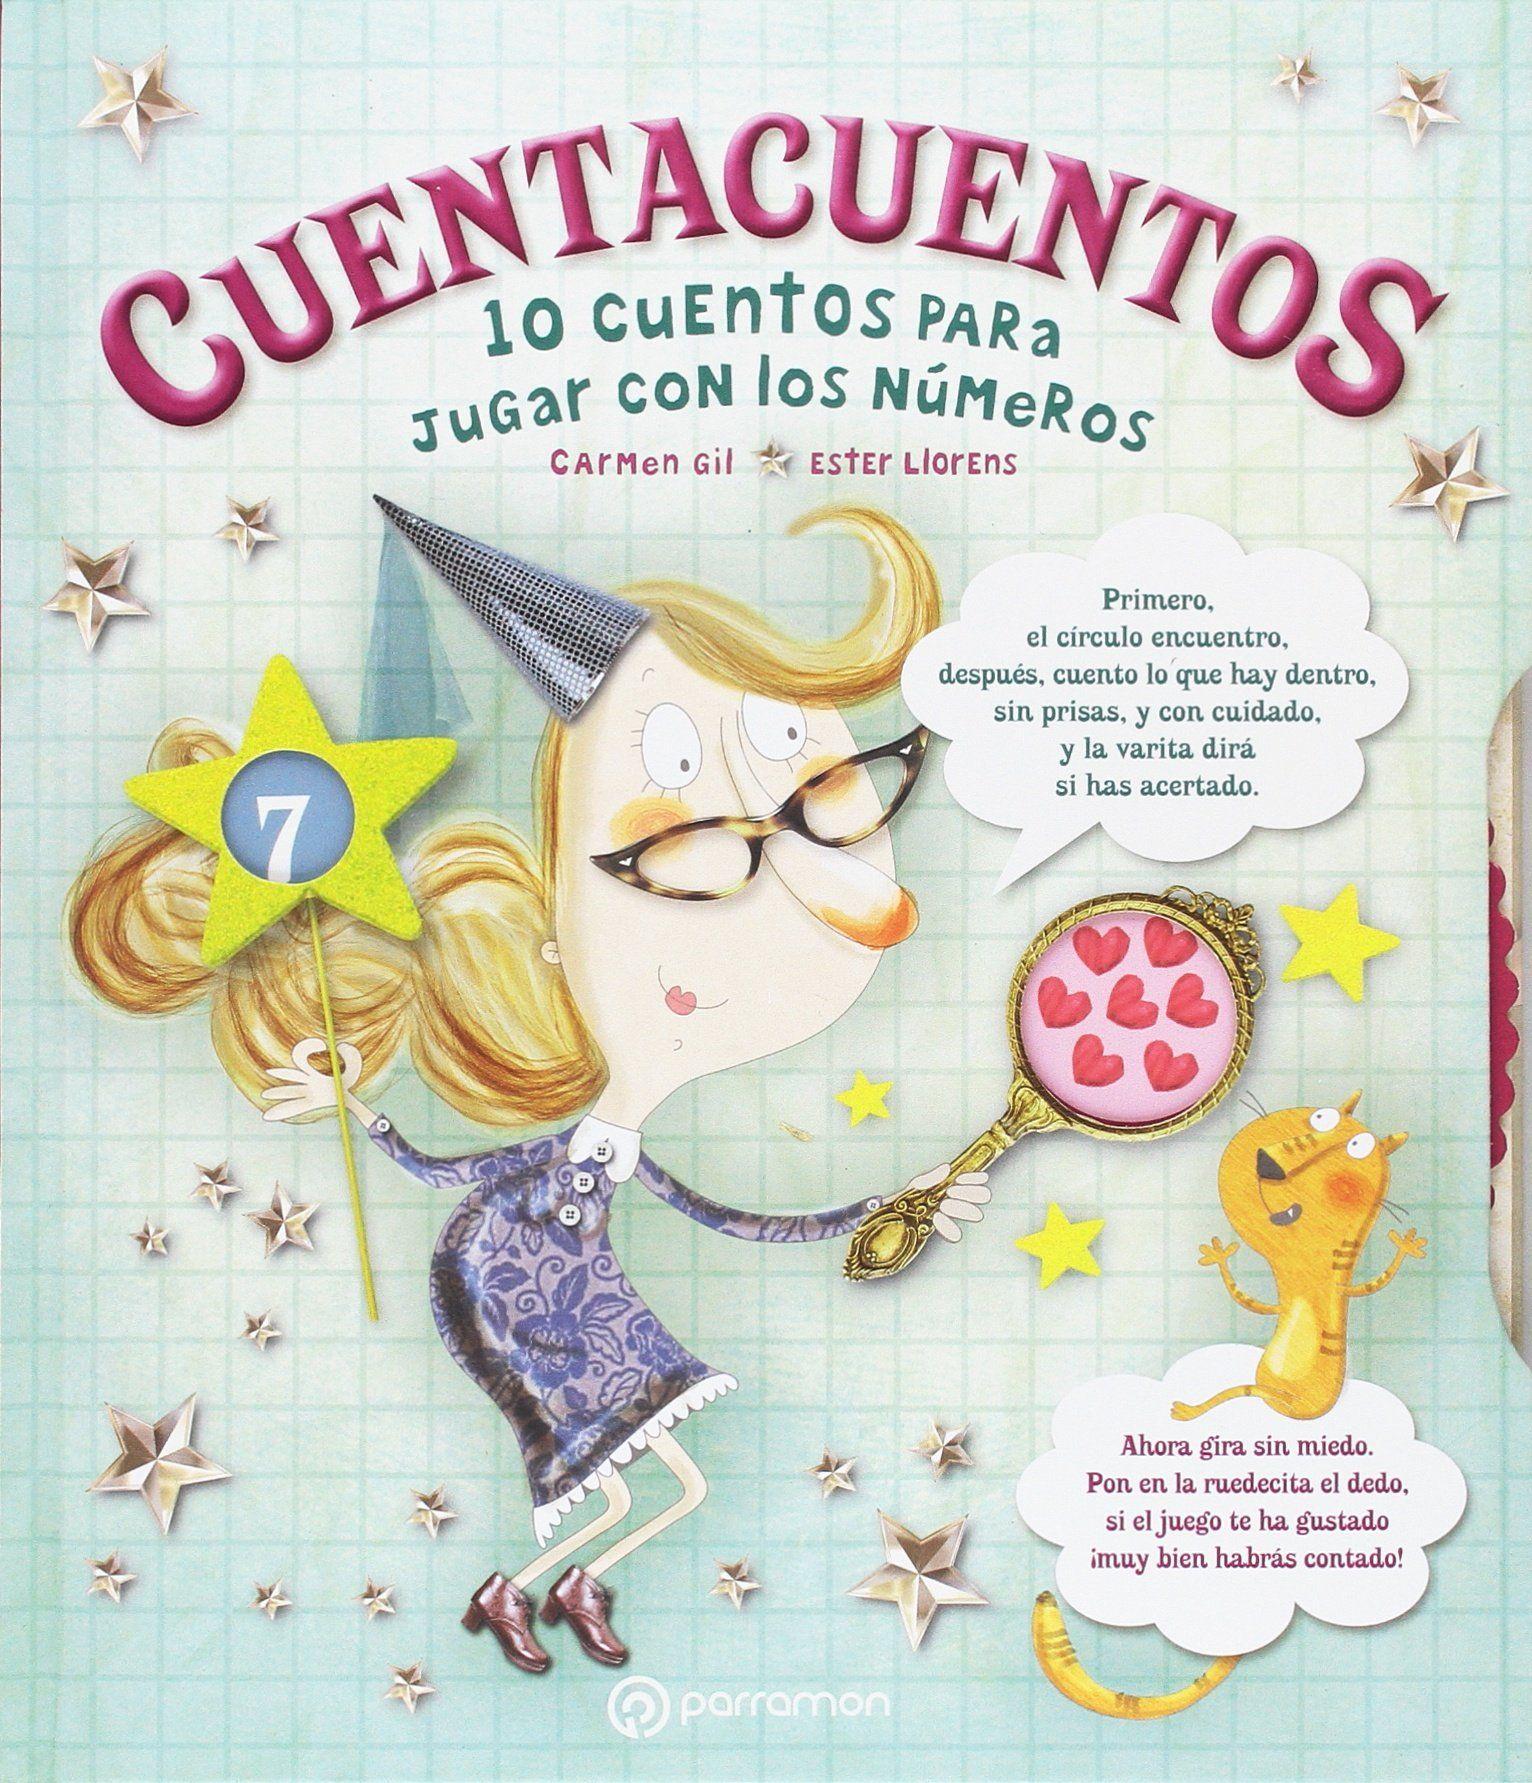 Cuentacuentos 10 Cuentos Para Amazon Es Carmen Gil Ester